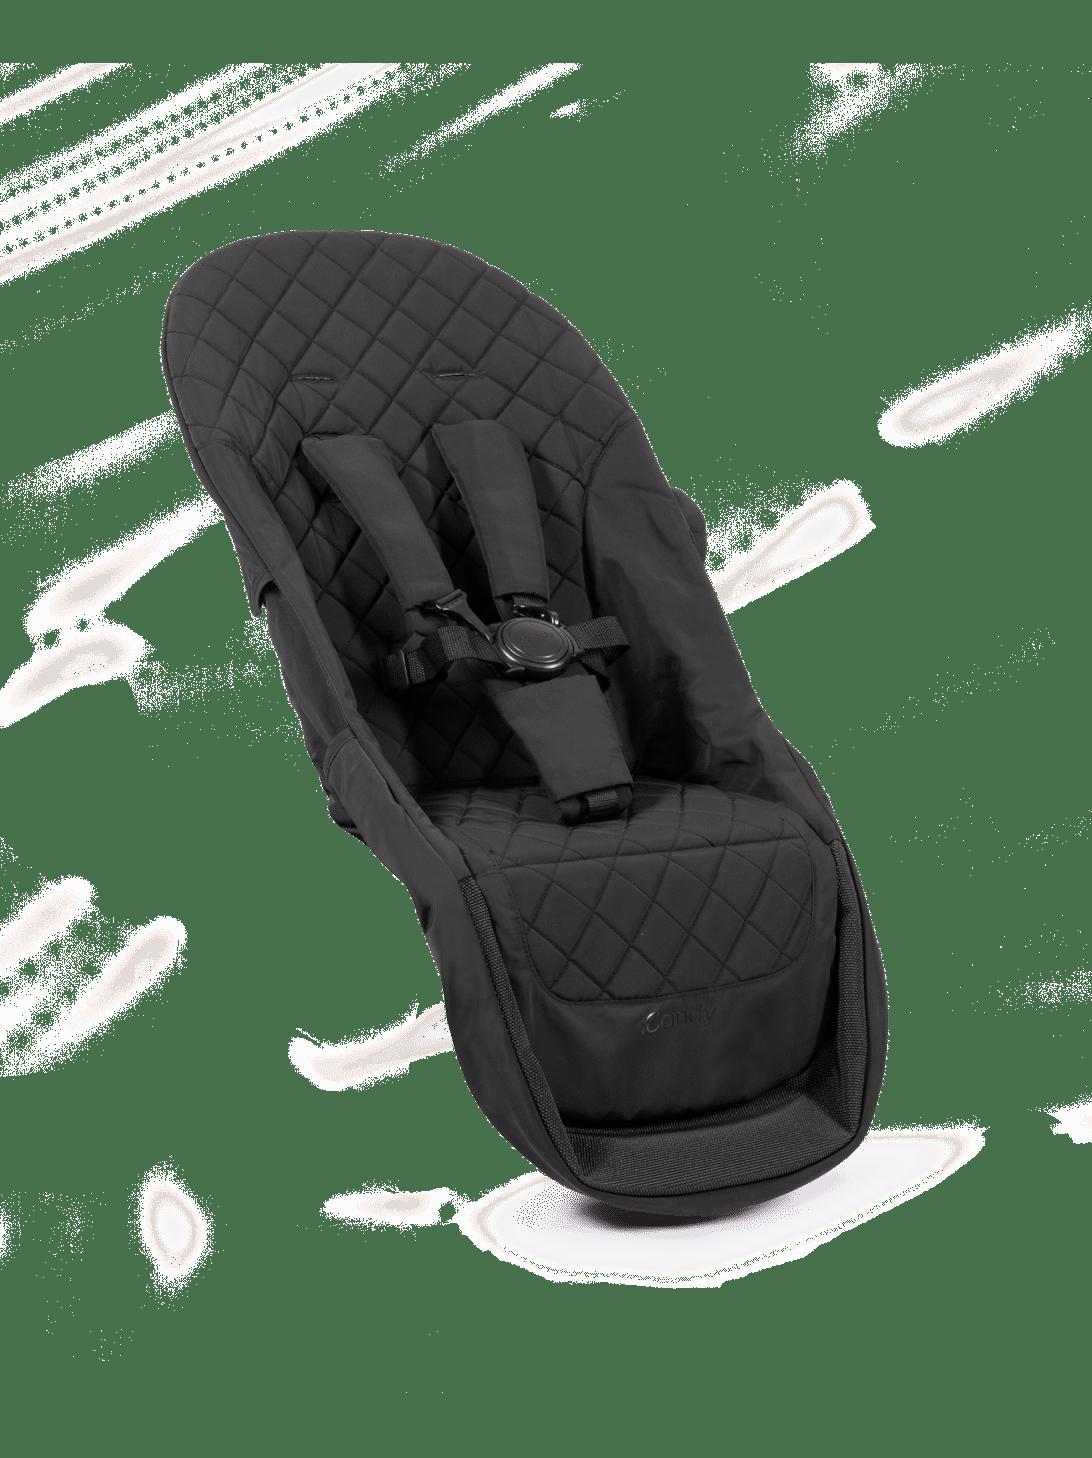 Orange 2018 Seat Unit Fabric - Black